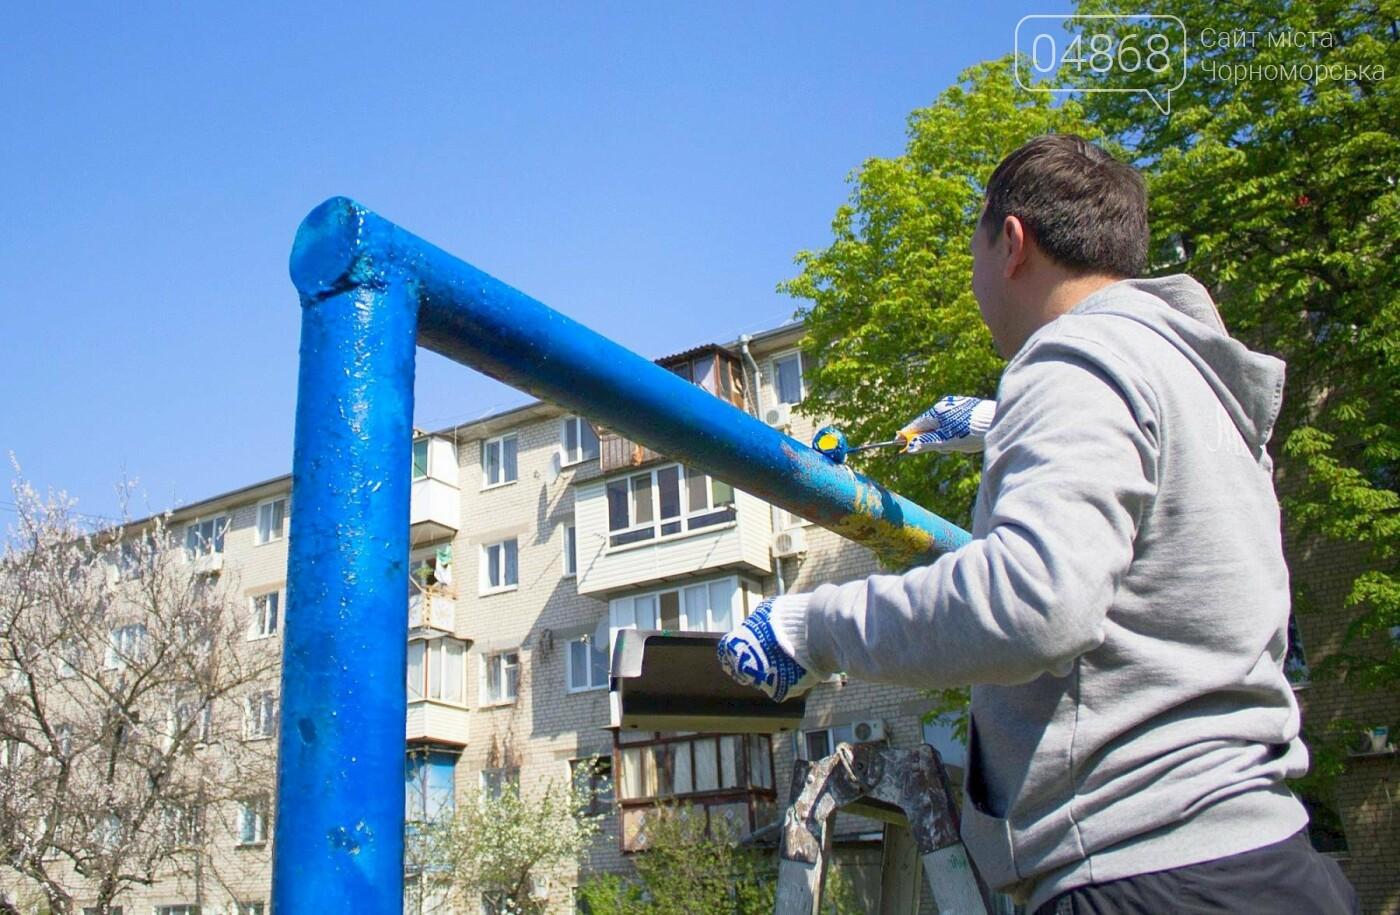 В Черноморске высажено 500 новых деревьев и кустарников, фото-14